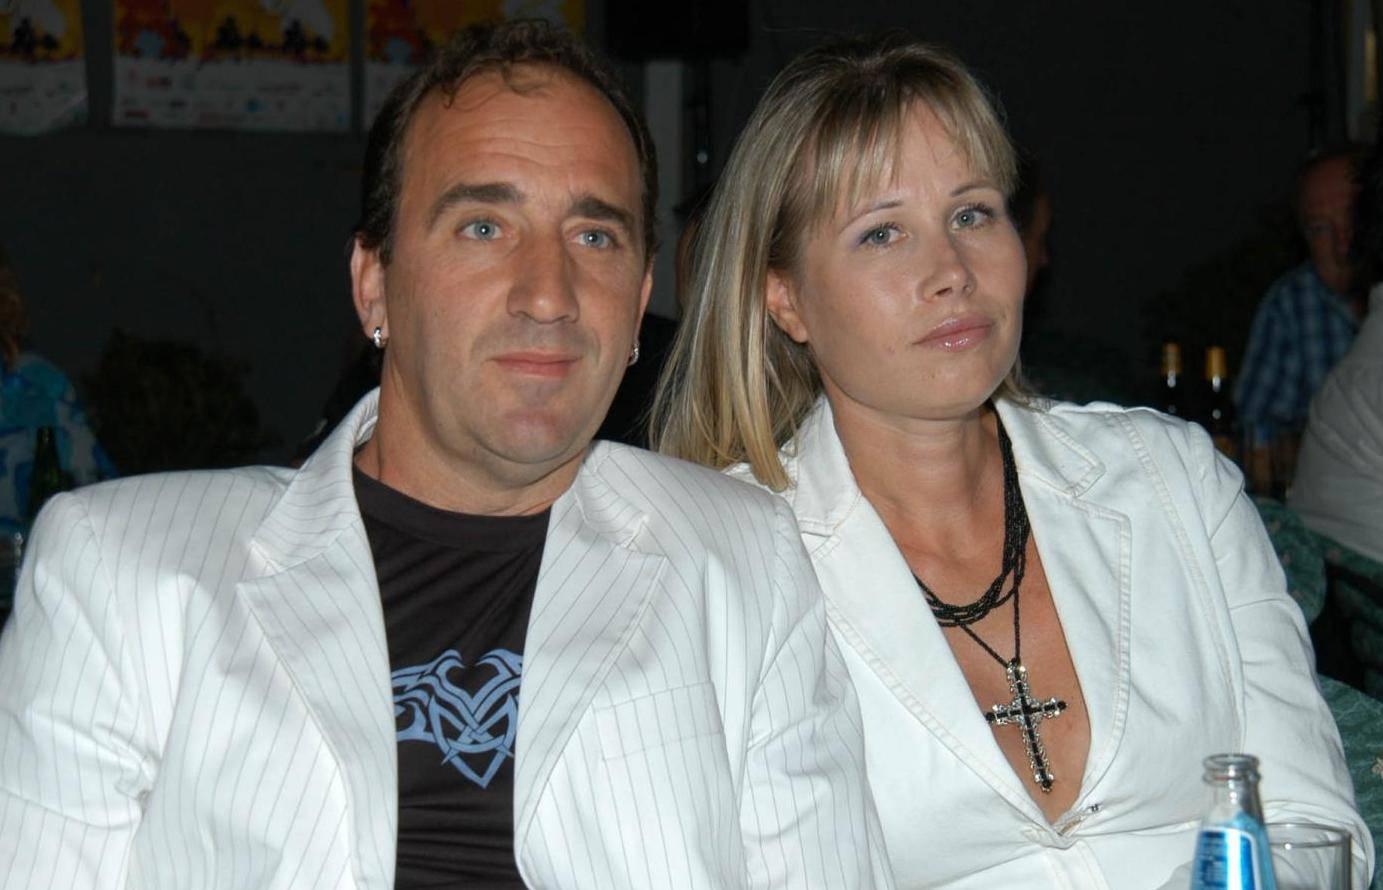 pjevac mladen grdovic i supruga na split festu 2004